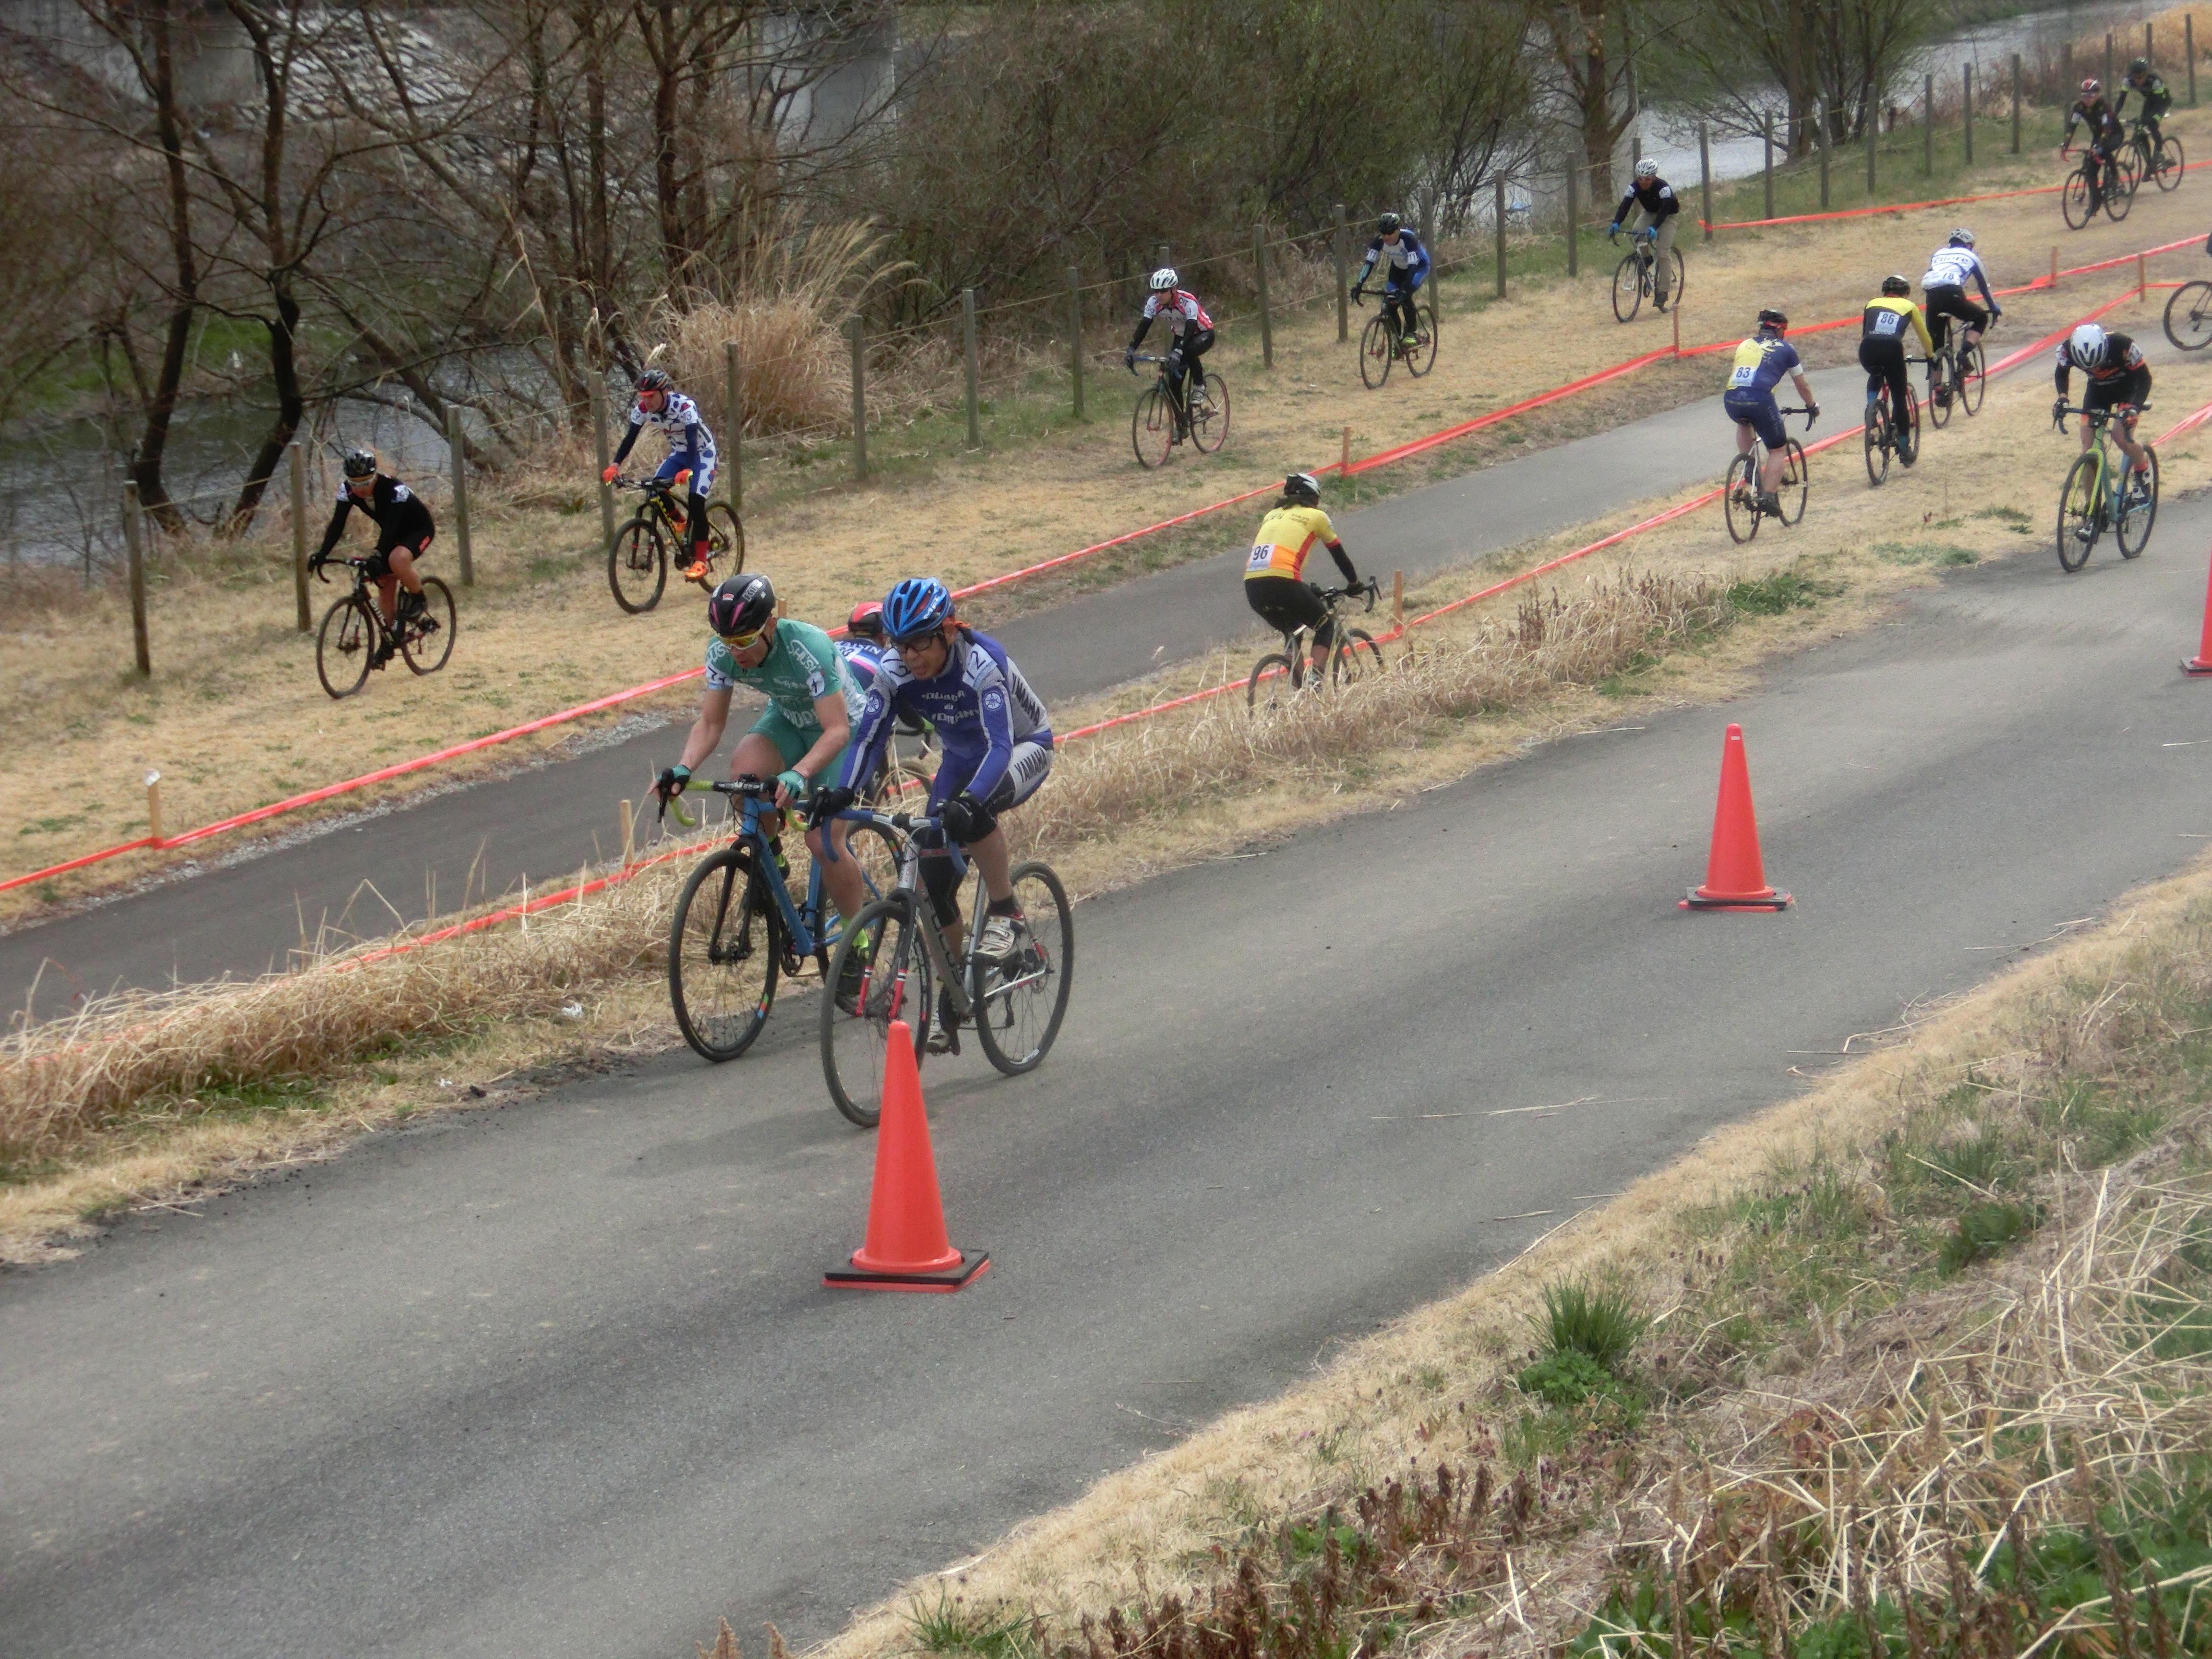 https://www.cyclocross.jp/news/67e3be18ef7d113796fd29adf03d3b99d437ca25.JPG